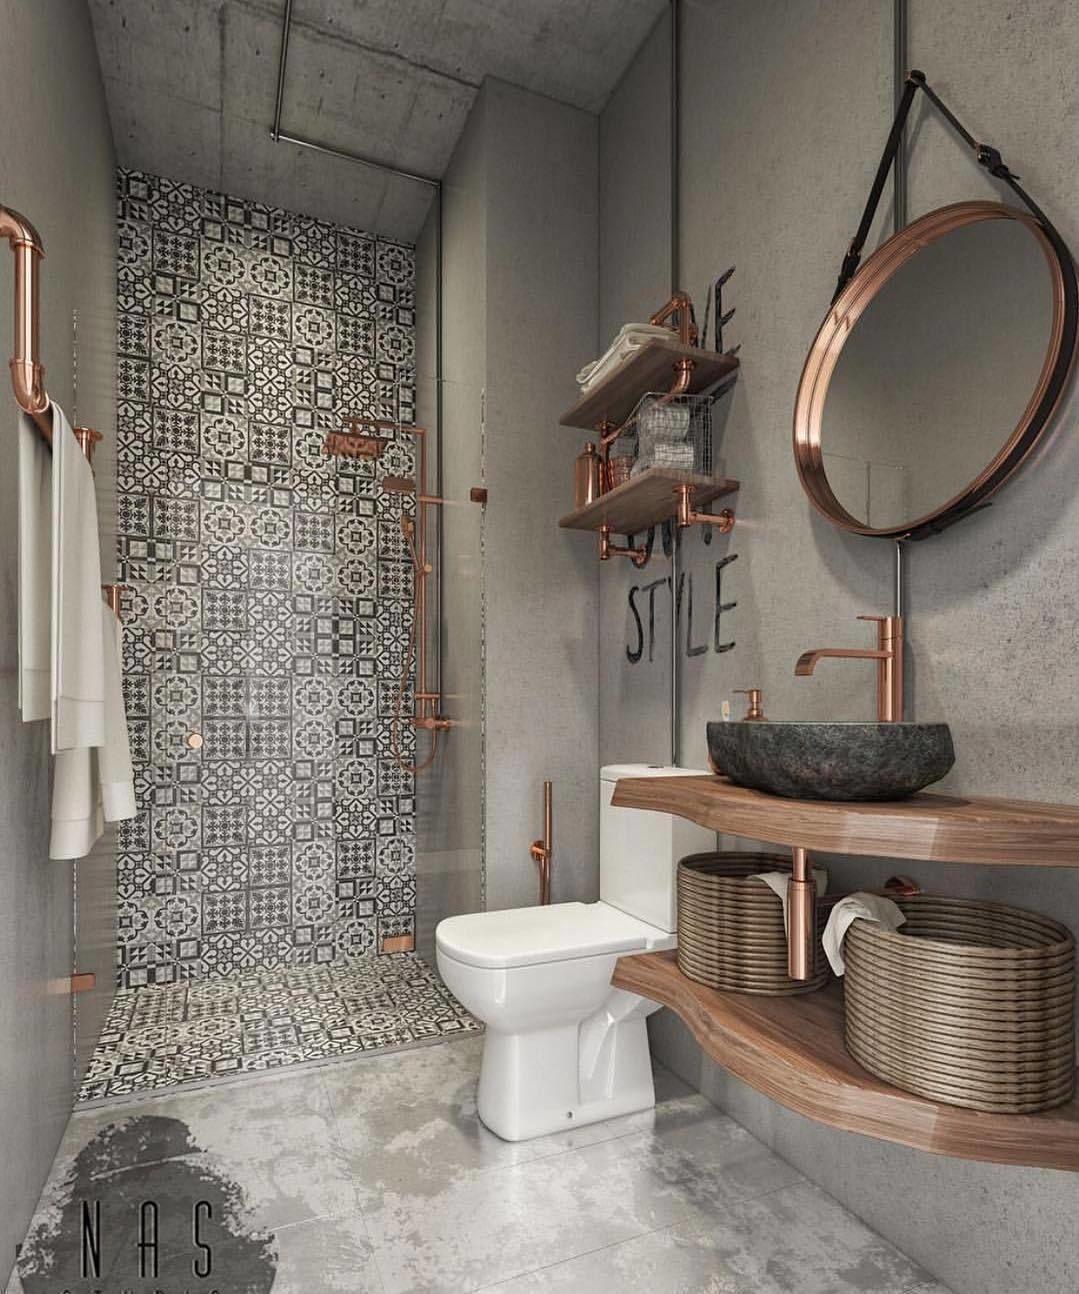 Industrial Retro Bathroom By Nas Studio Bathroom Inspiration